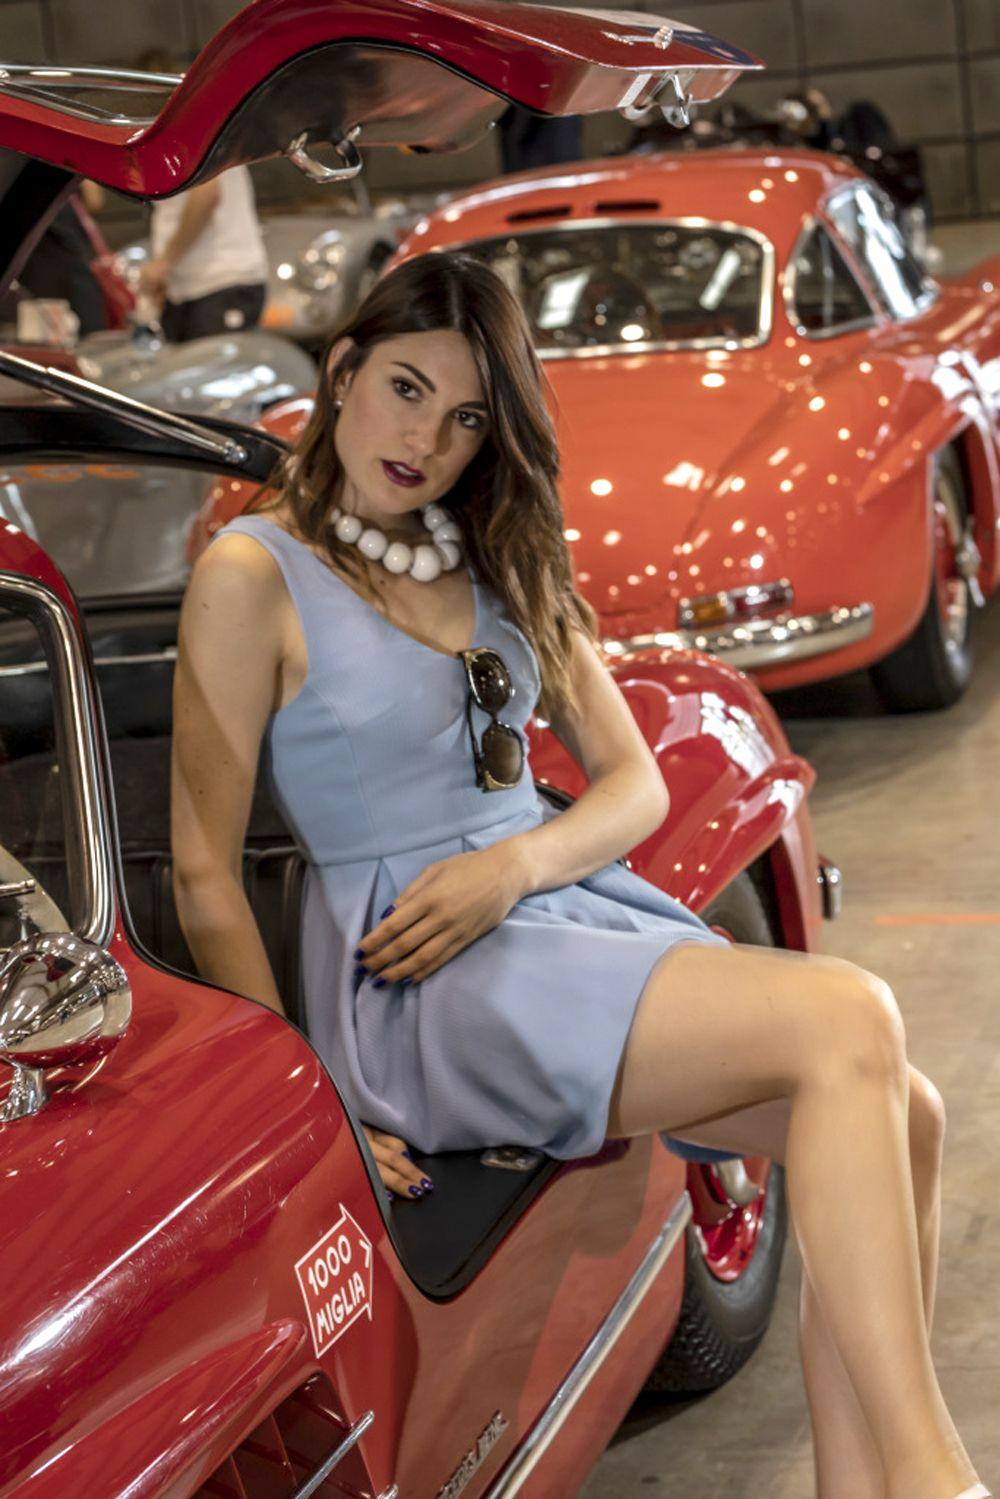 01_Mille Miglia_Mo 14. & Di. 15.05.18_Anreise / Technische Checks